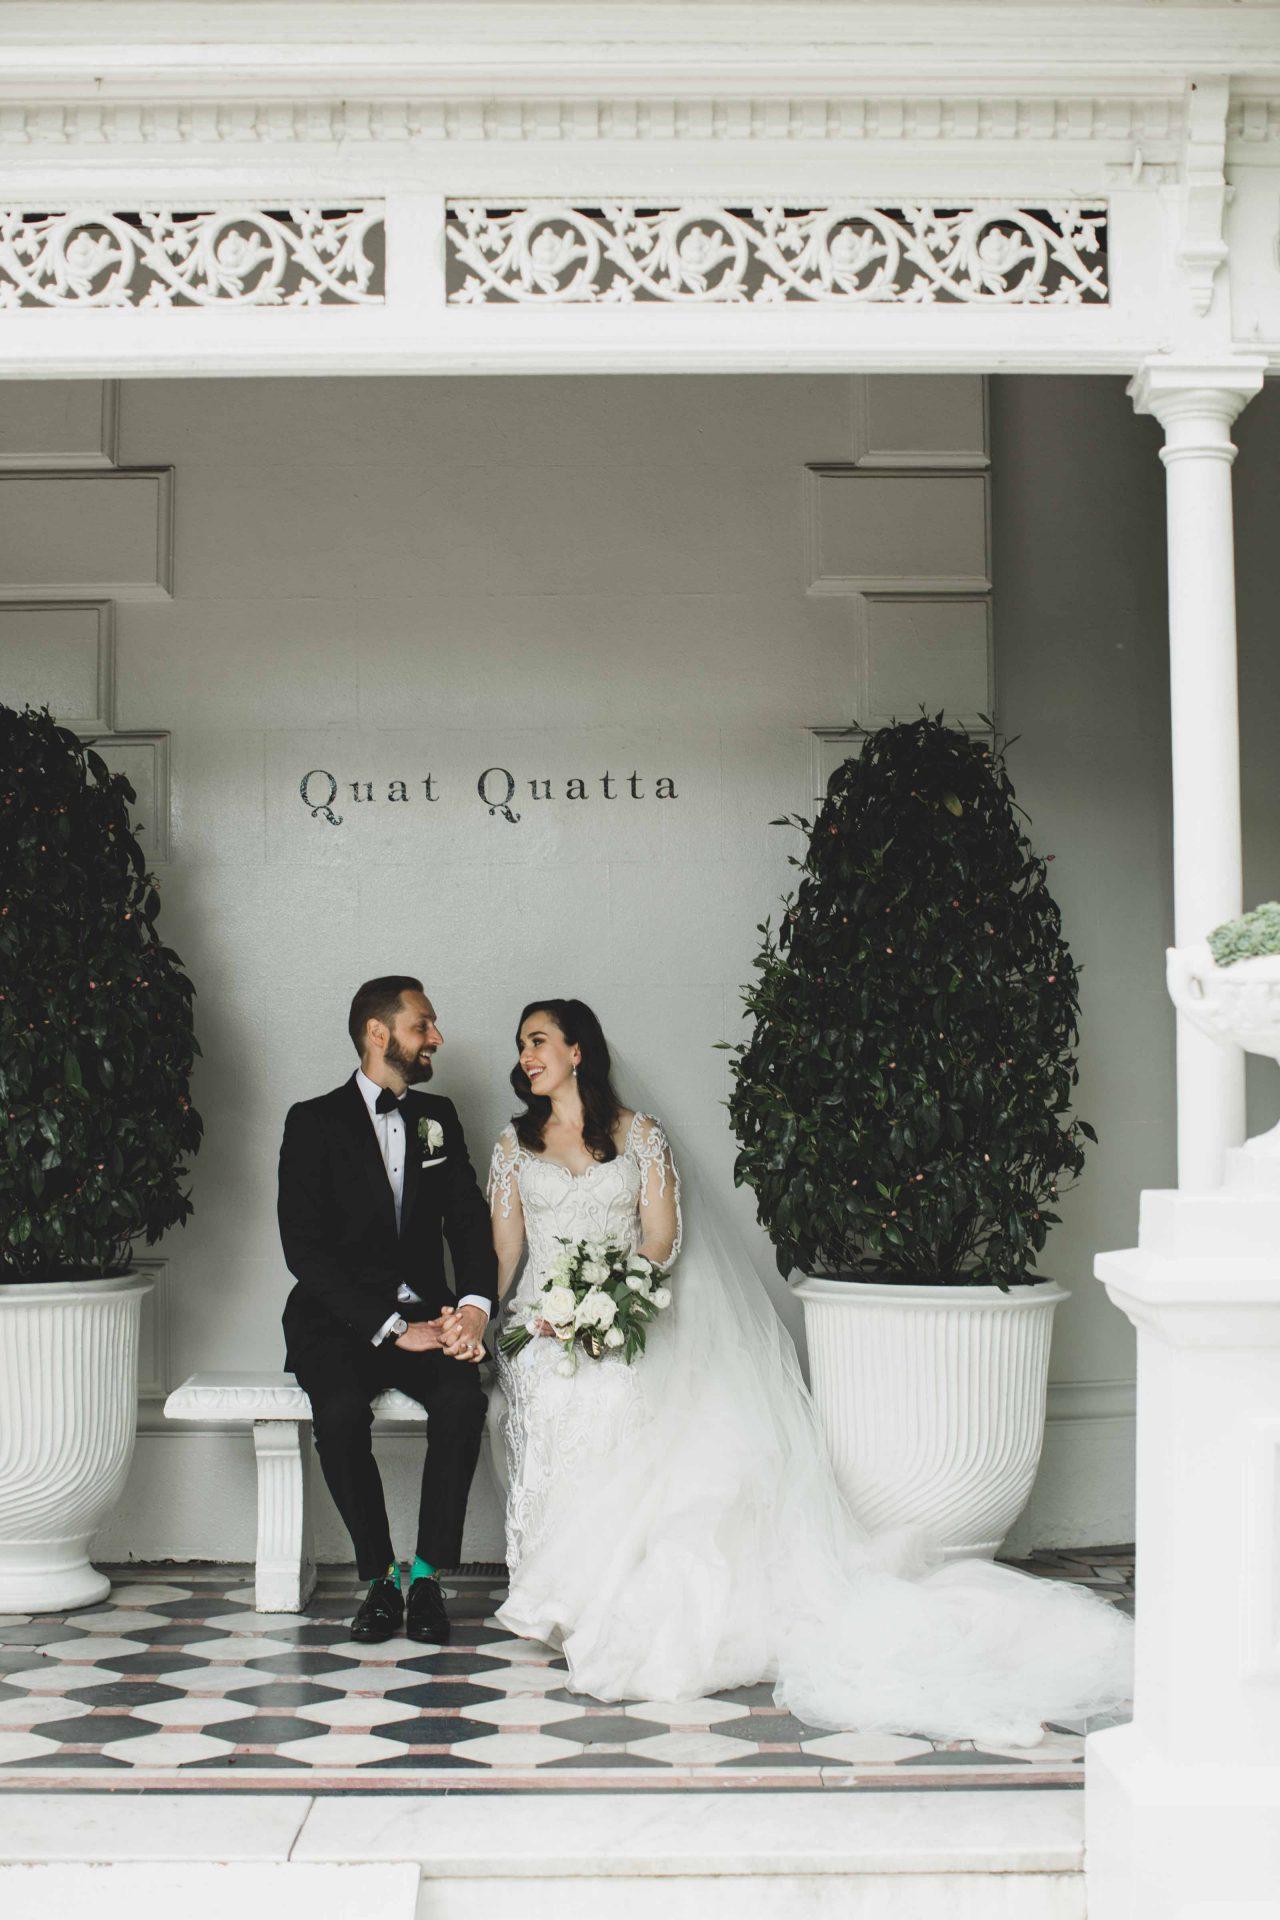 Johan + Renata // Quat Quatta